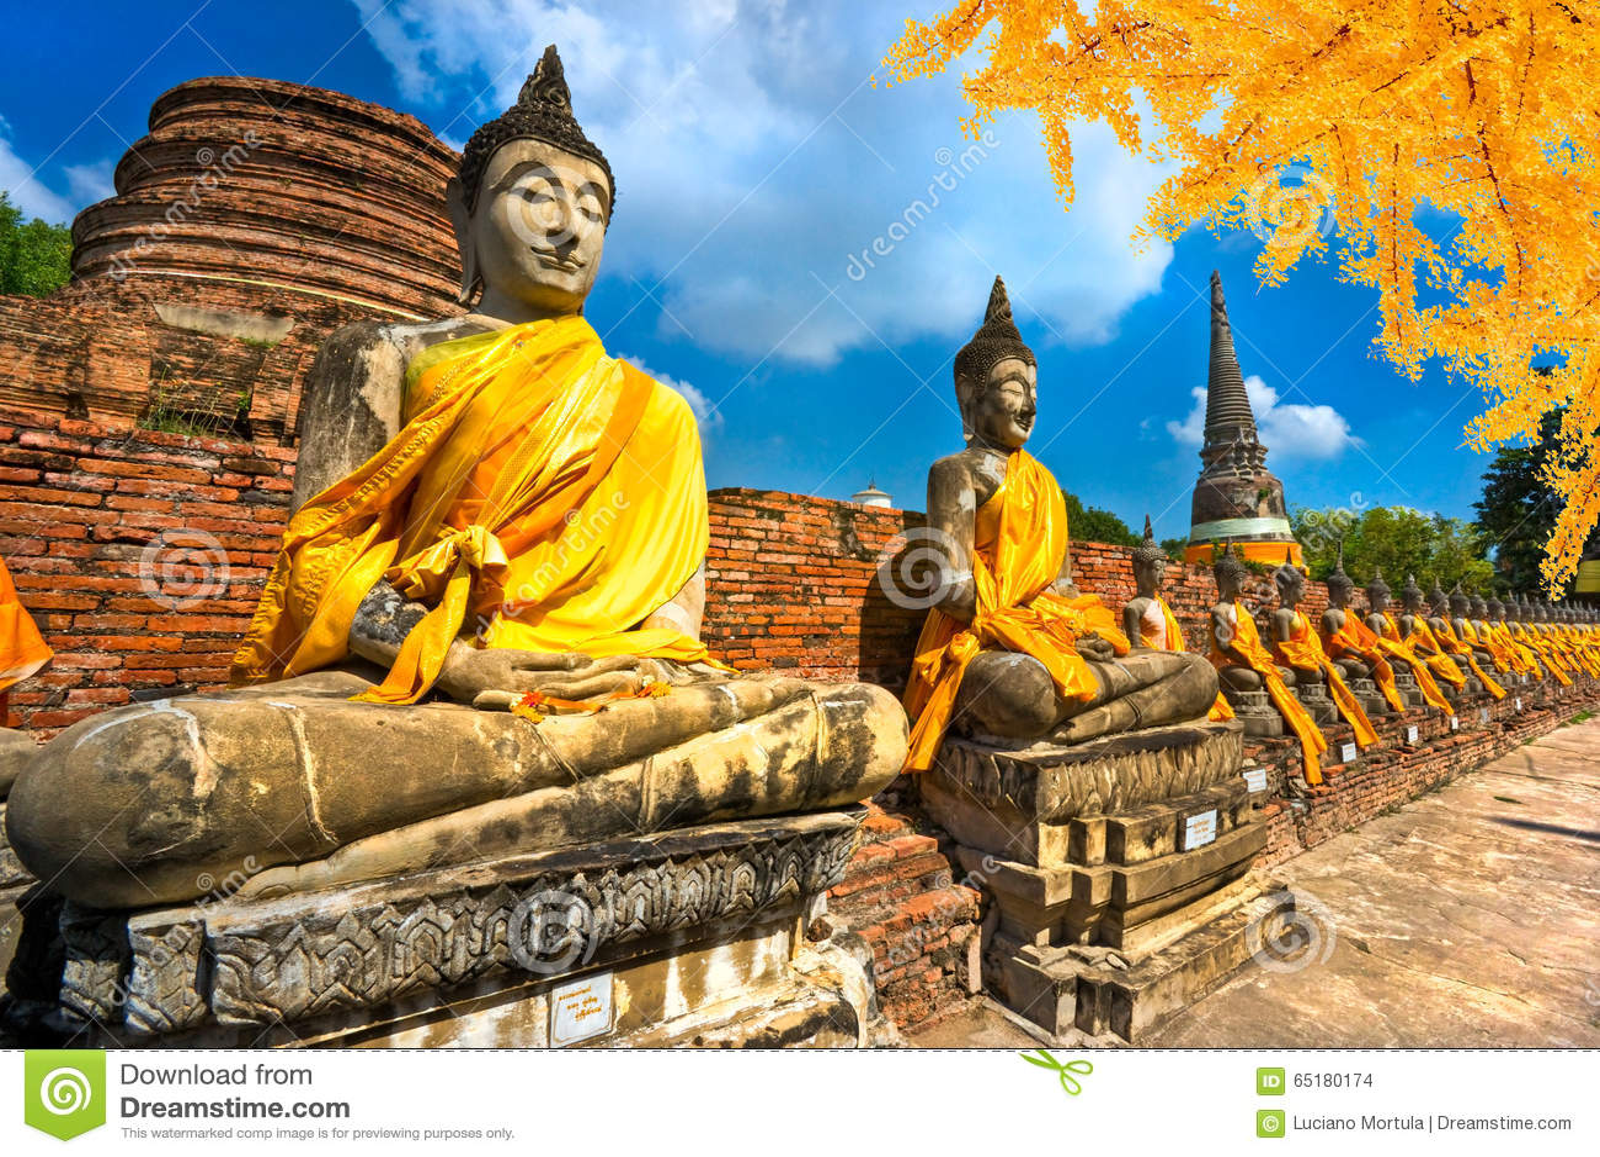 De Standbeelden van Boedha in Ayutthaya, Thailand,